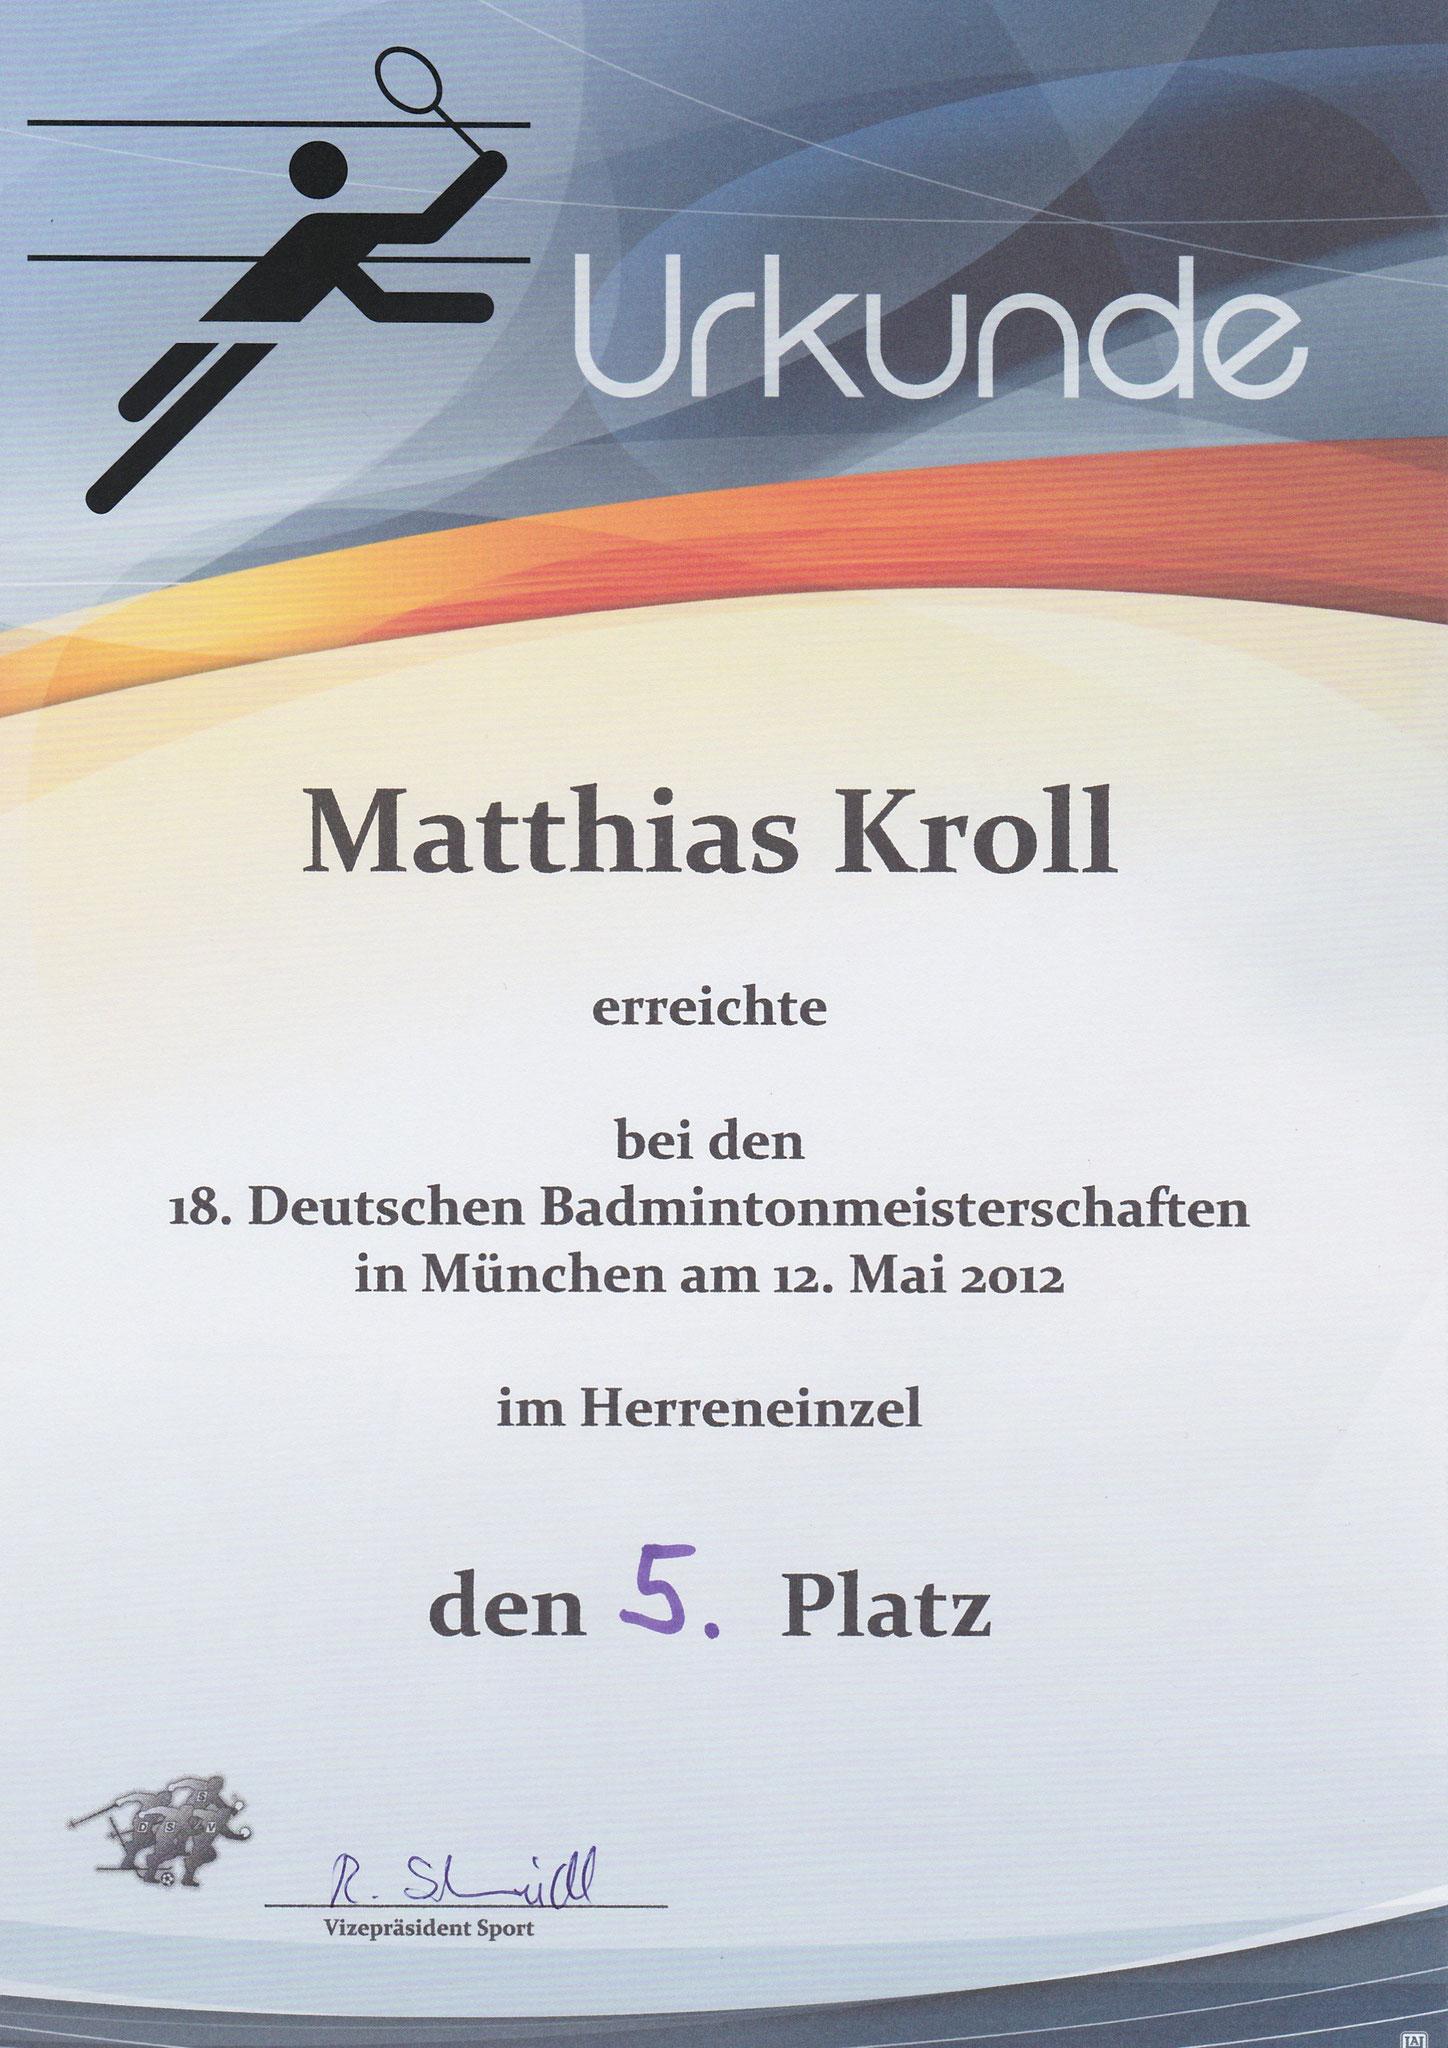 Urkunde Herreneinzel 5. Platz DSSV DM München 2012